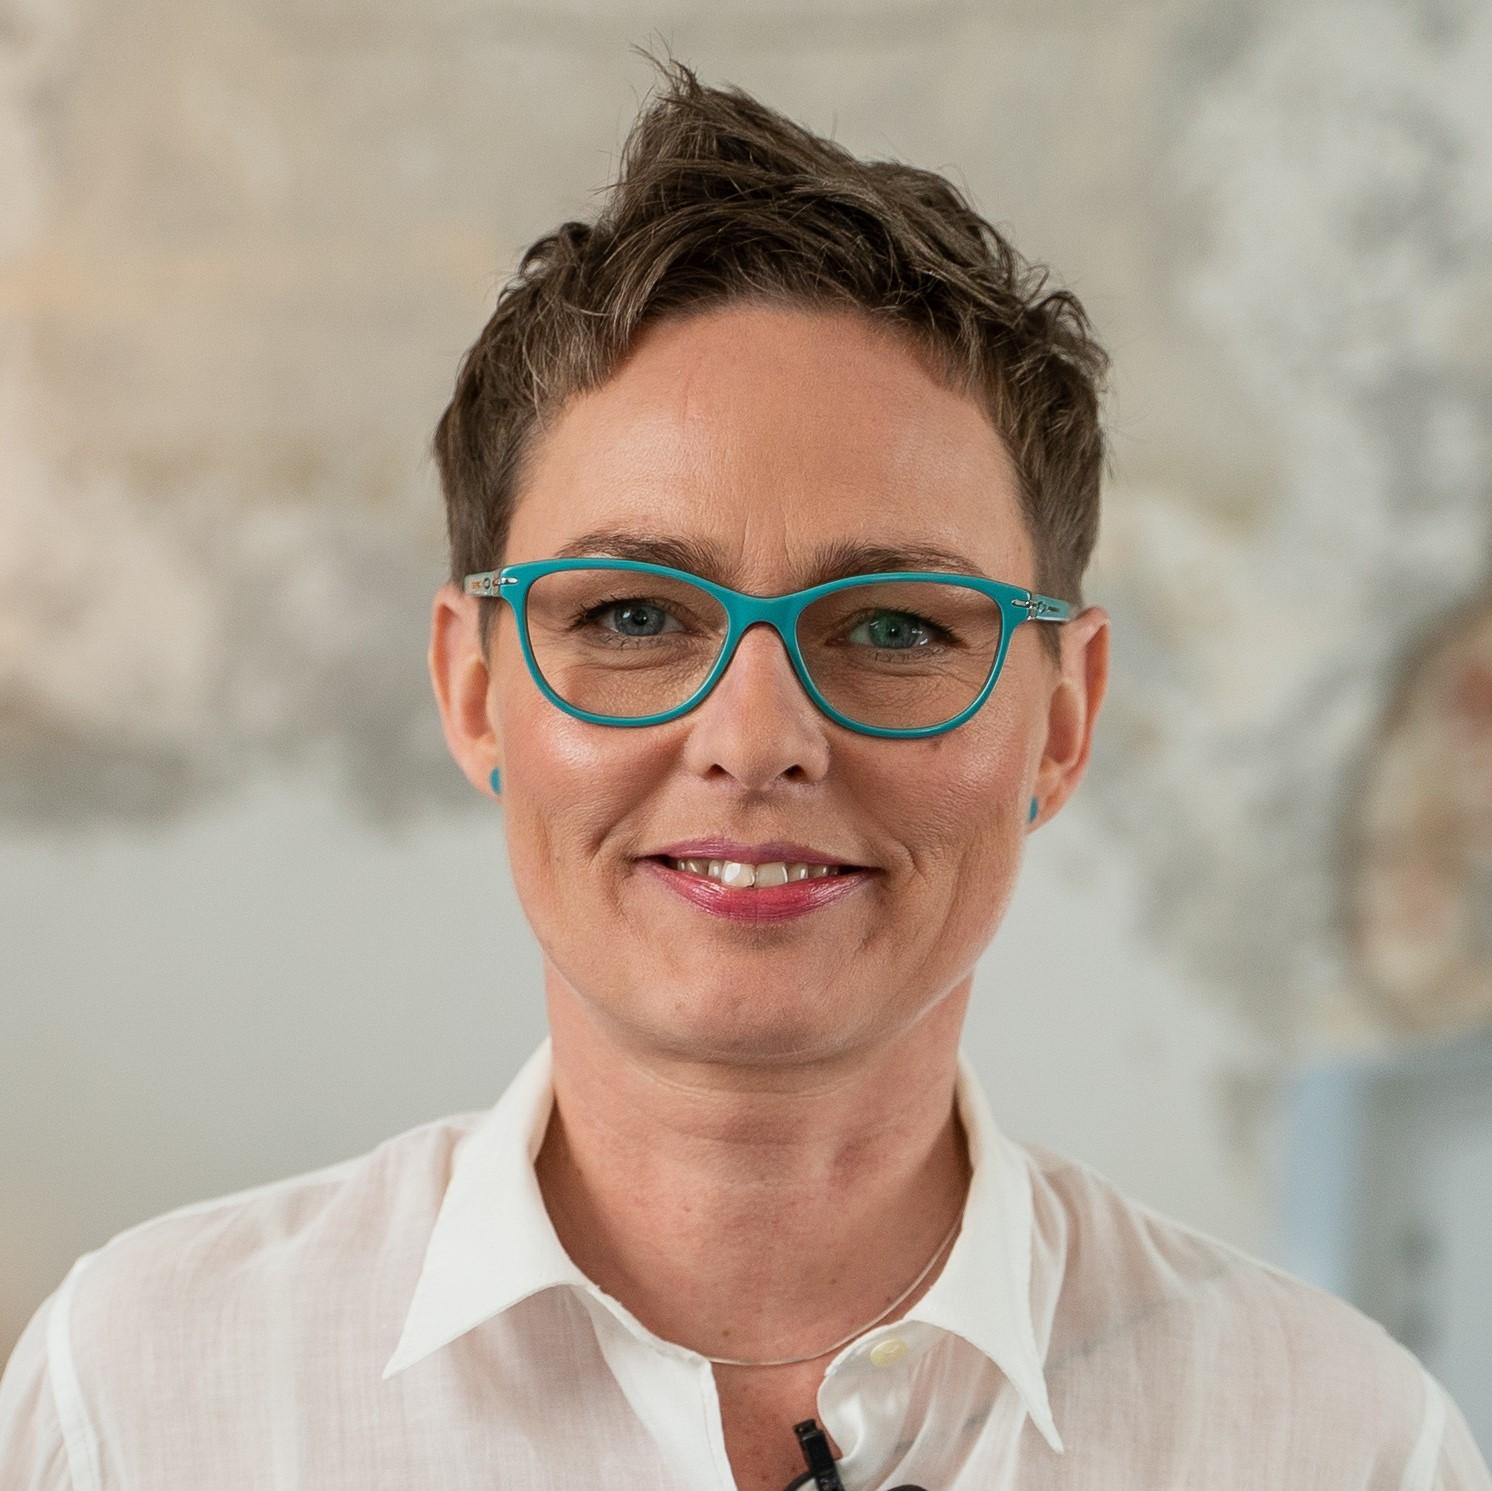 http://akademia.prodialog.pl/wp-content/uploads/2020/05/Katarzyna-Czepnik.jpg